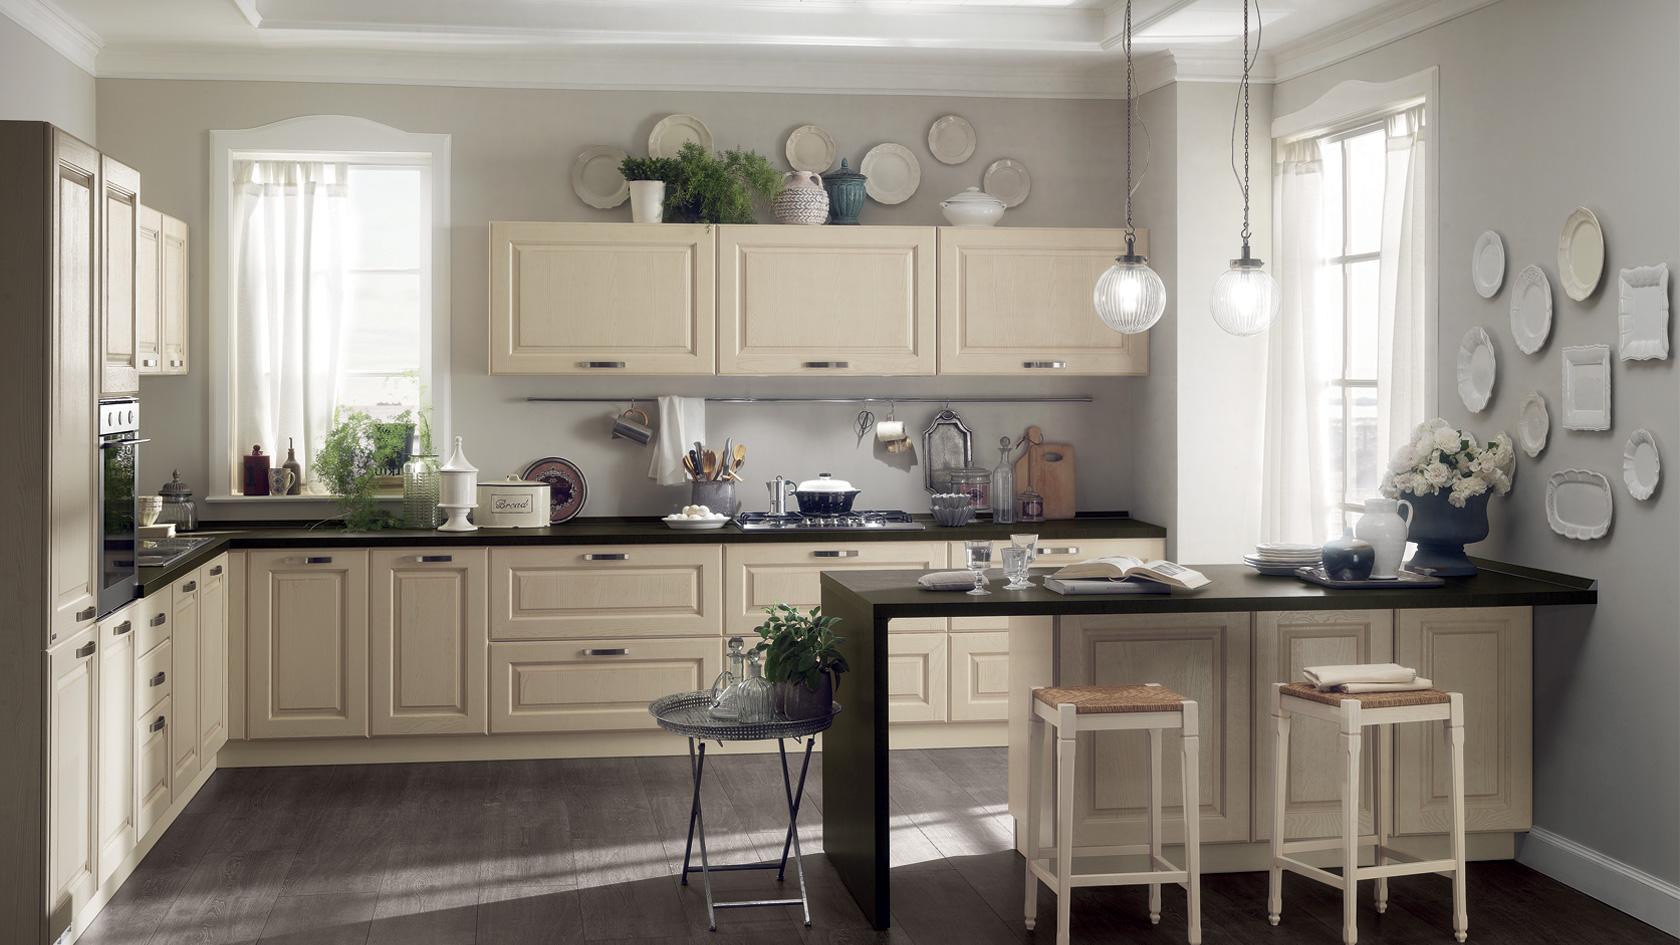 Madeleine Kitchen Cabinets Dillon Amber Dane Kitchen